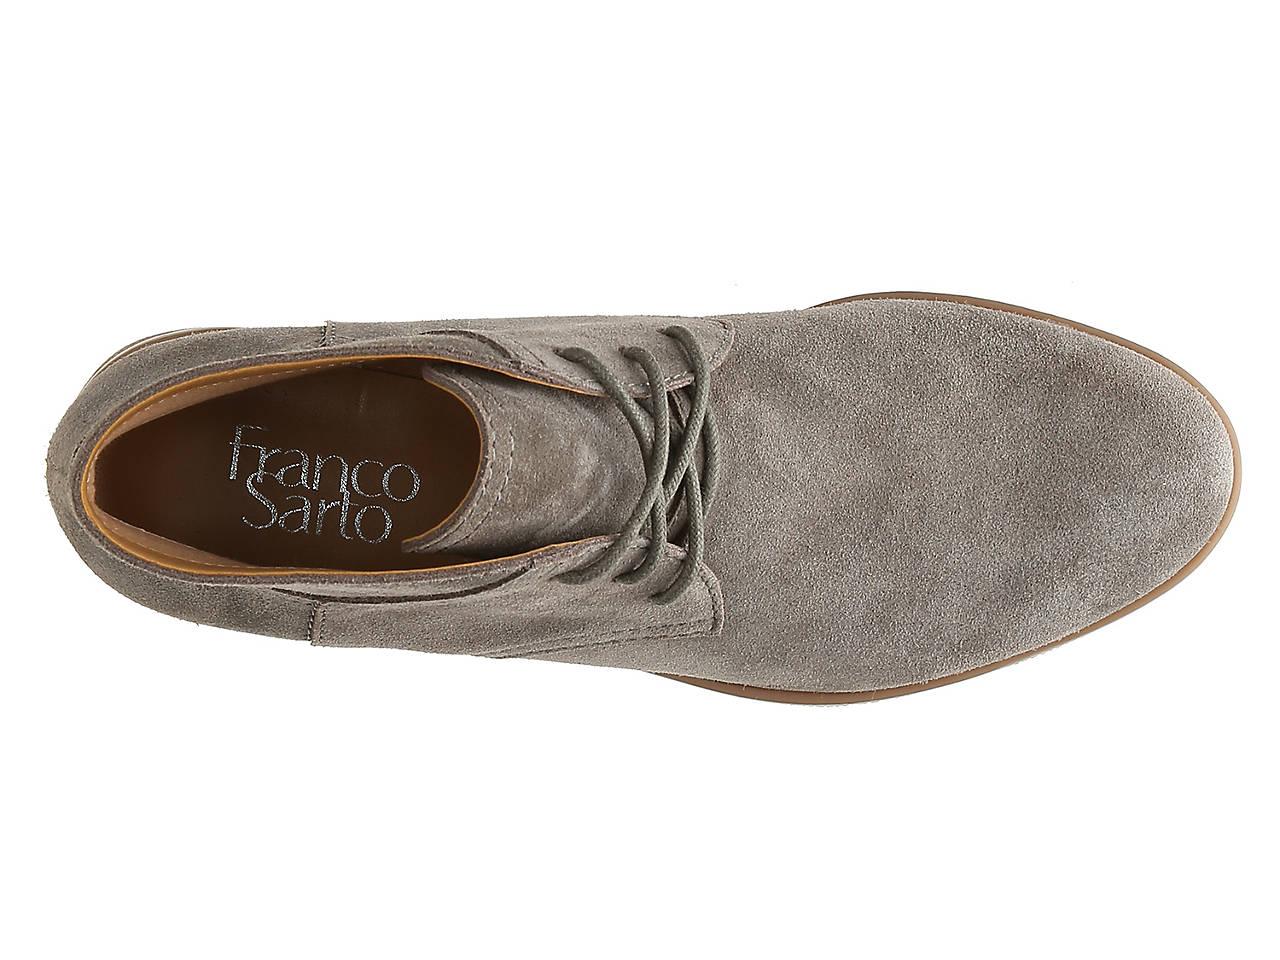 110217e9363 franco sarto shoe size chart - Style Guru  Fashion